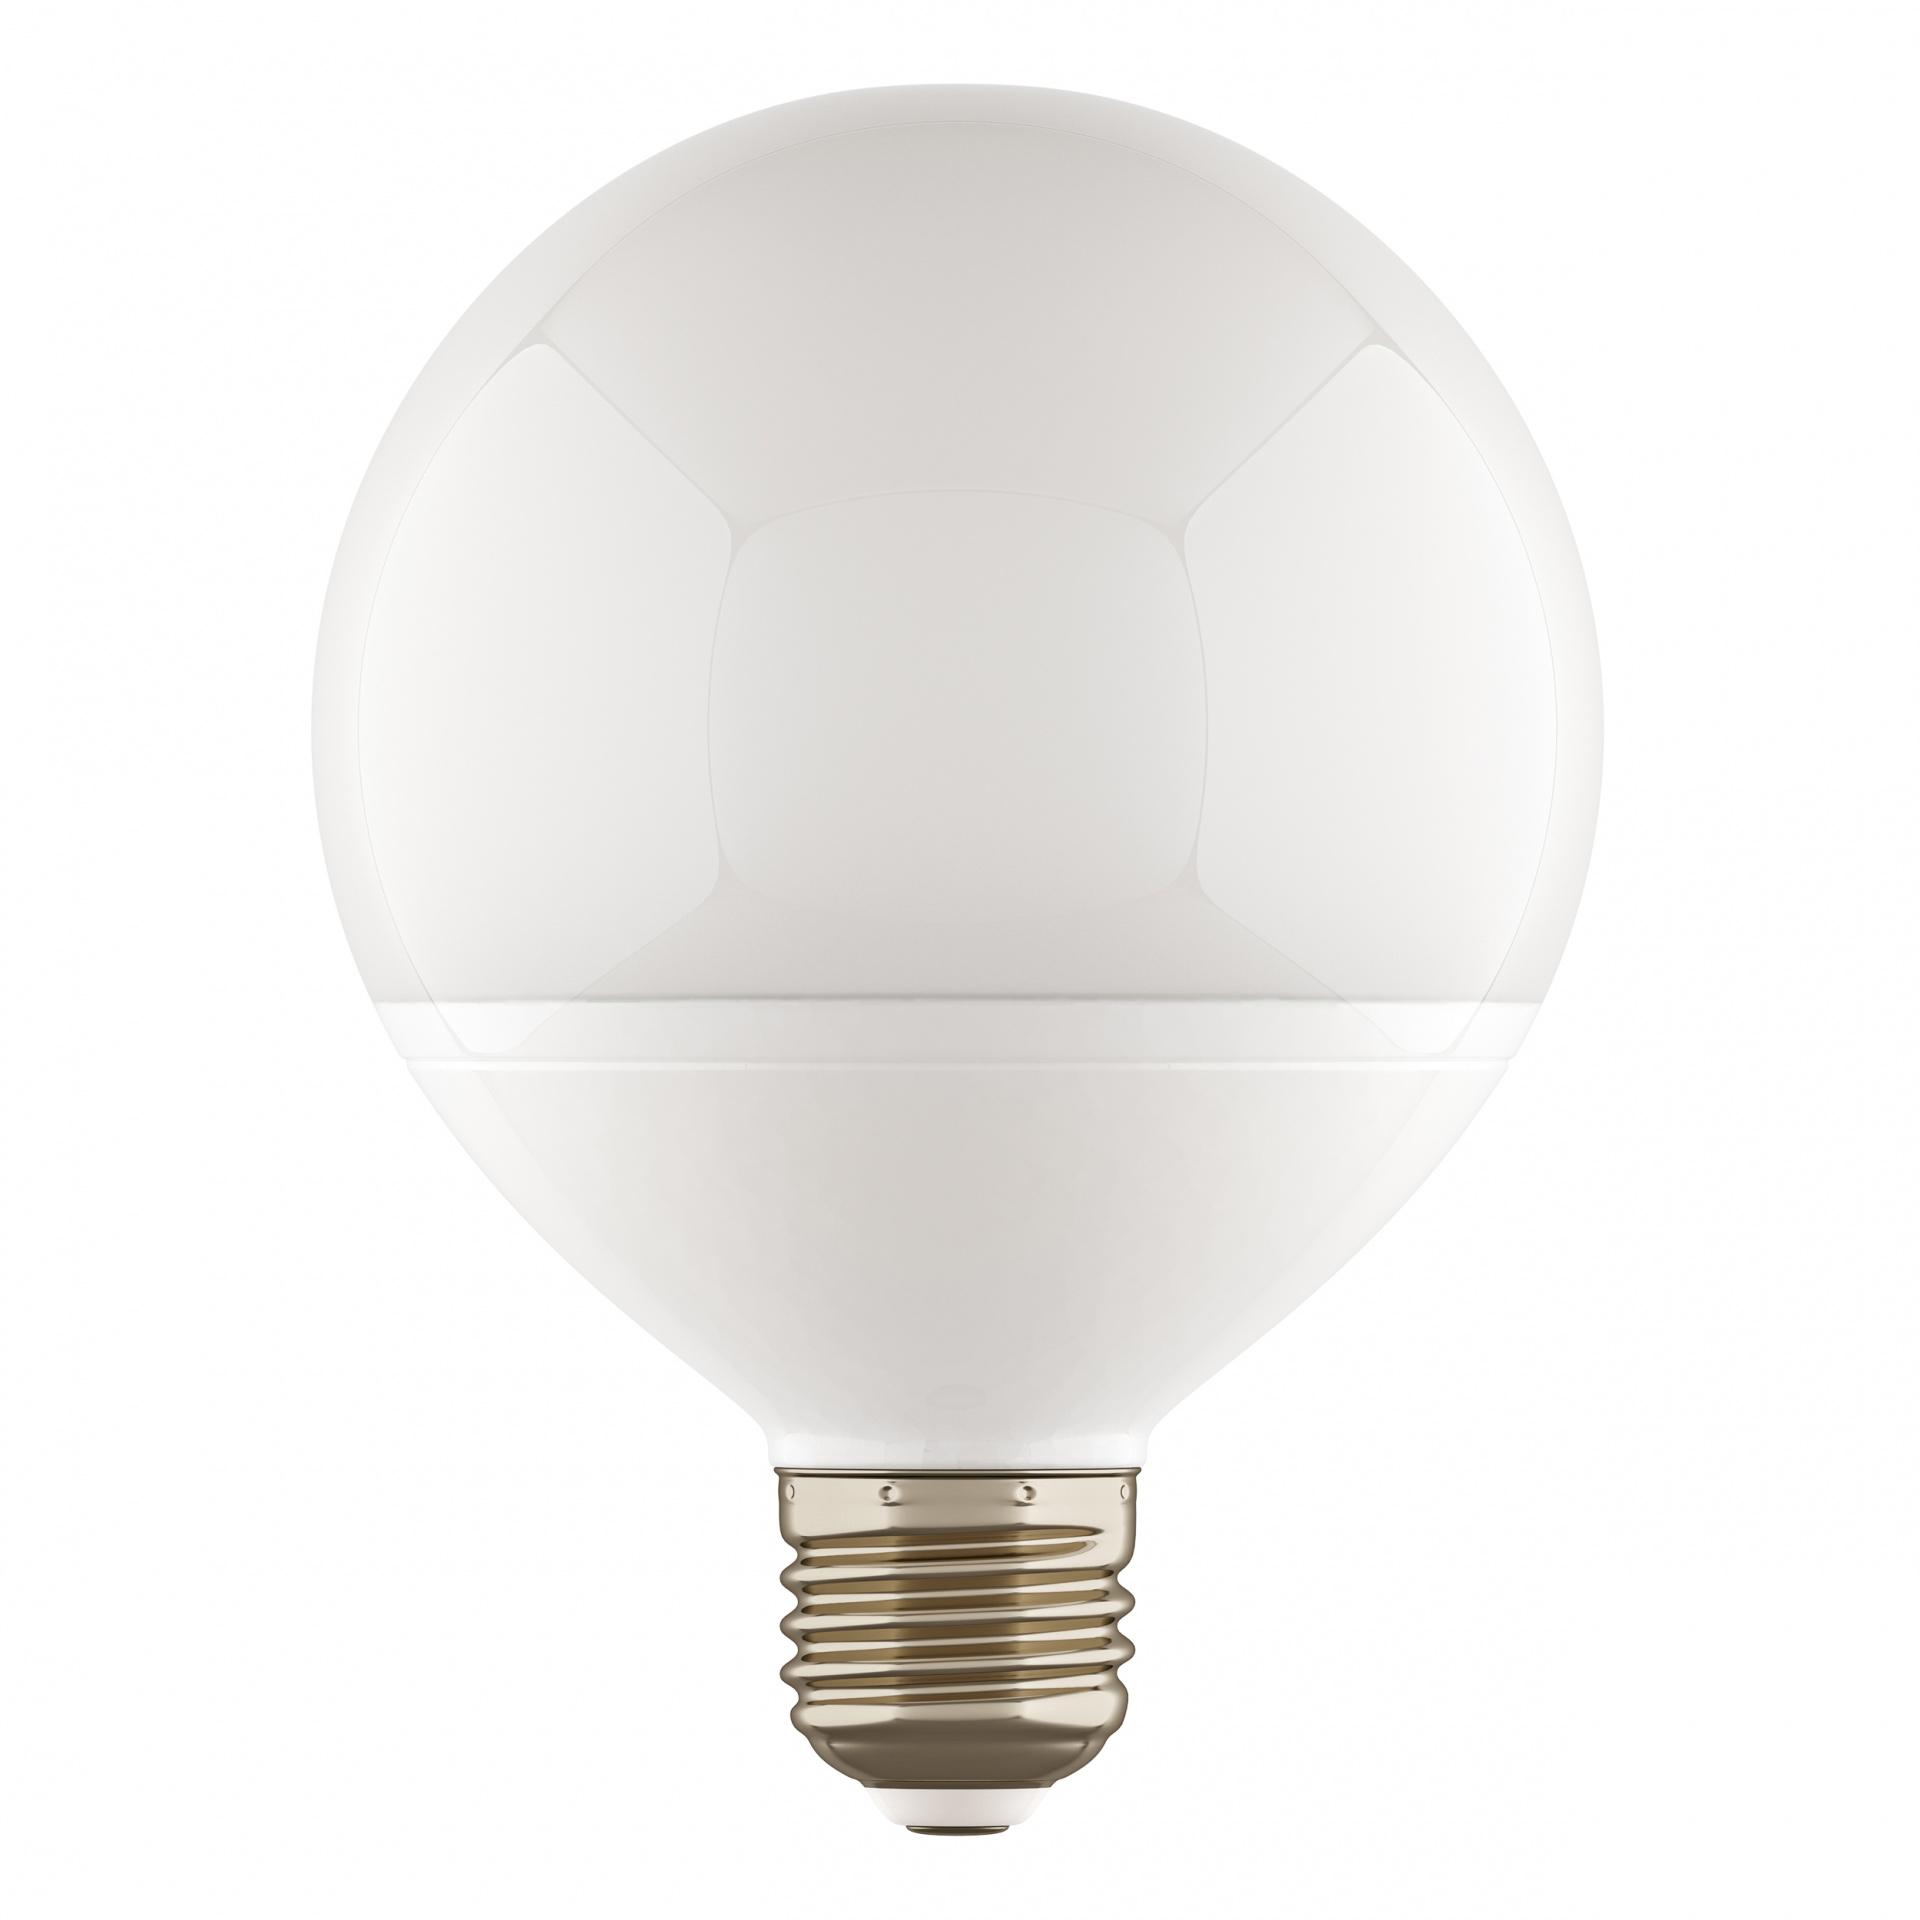 Лампа LED 220V G95 E27 13W=130W 1100LM 180G FR 3000K 20000H Lightstar 930312, купить в СПб, Москве, с доставкой, Санкт-Петербург, интернет-магазин люстр и светильников Starlight, фото в жизни